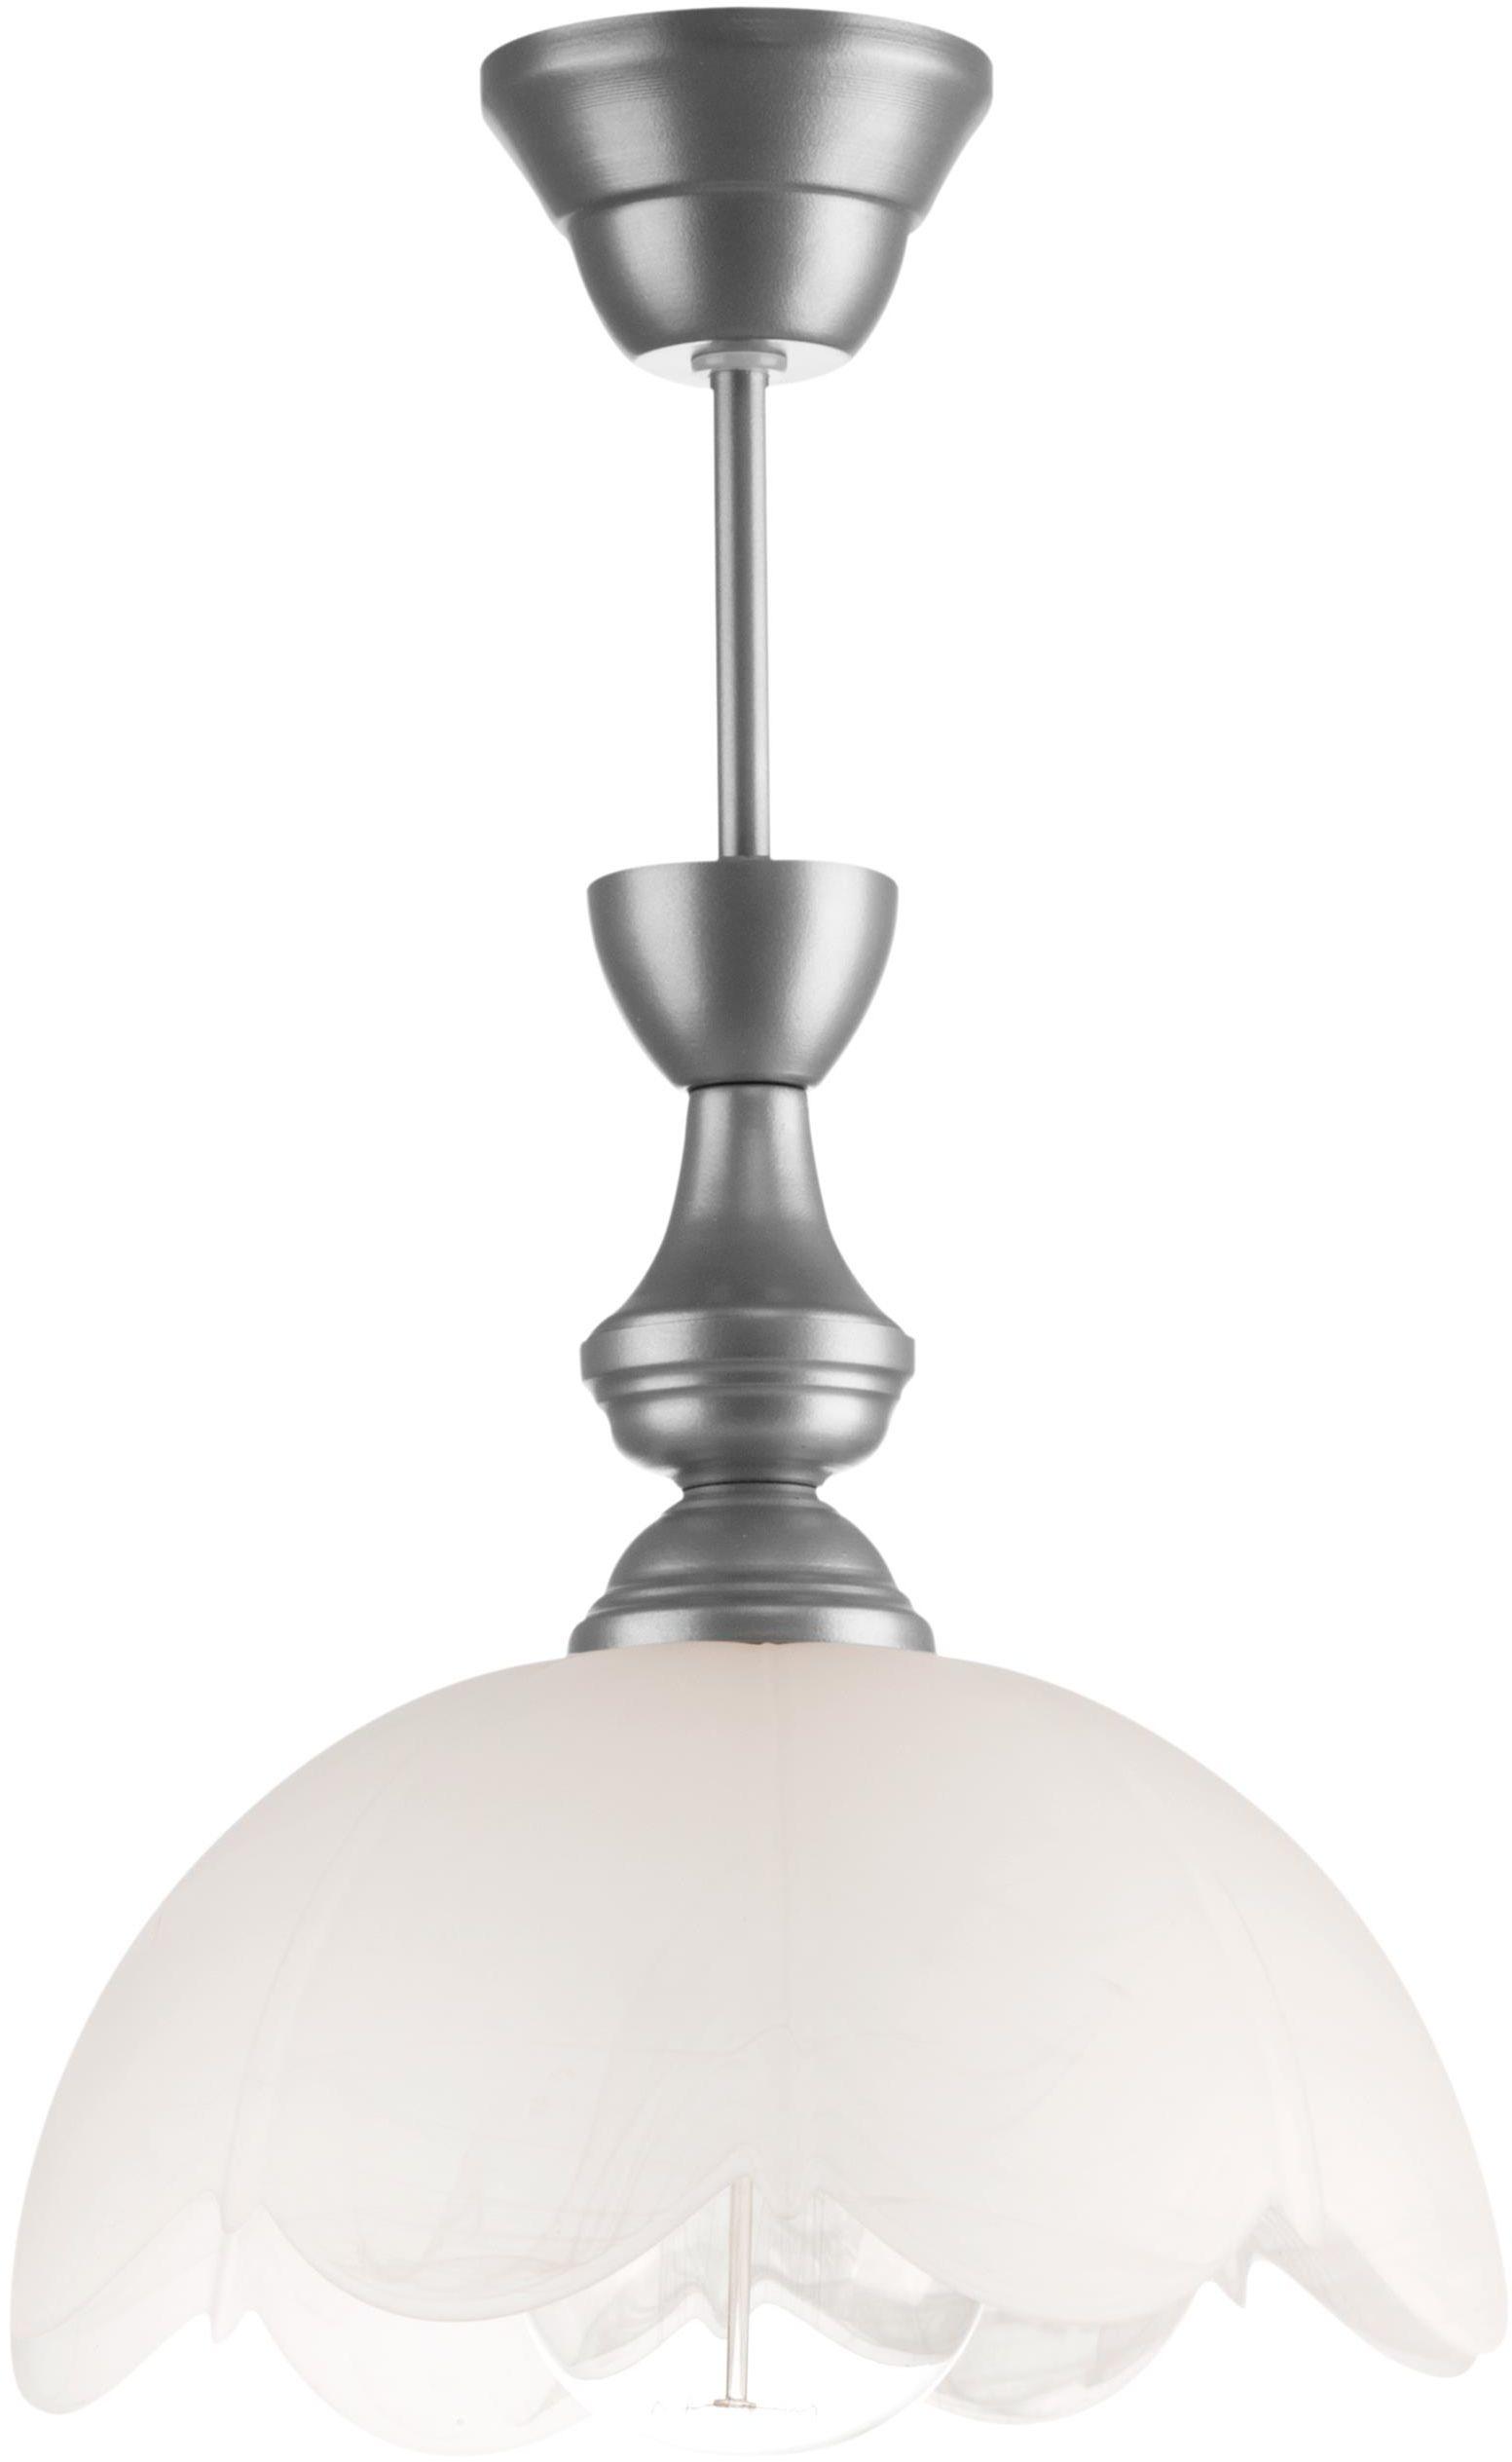 Lampex Narcyz 523/1 lampa wisząca klasyczna szklany klosz 1x60W E27 25cm